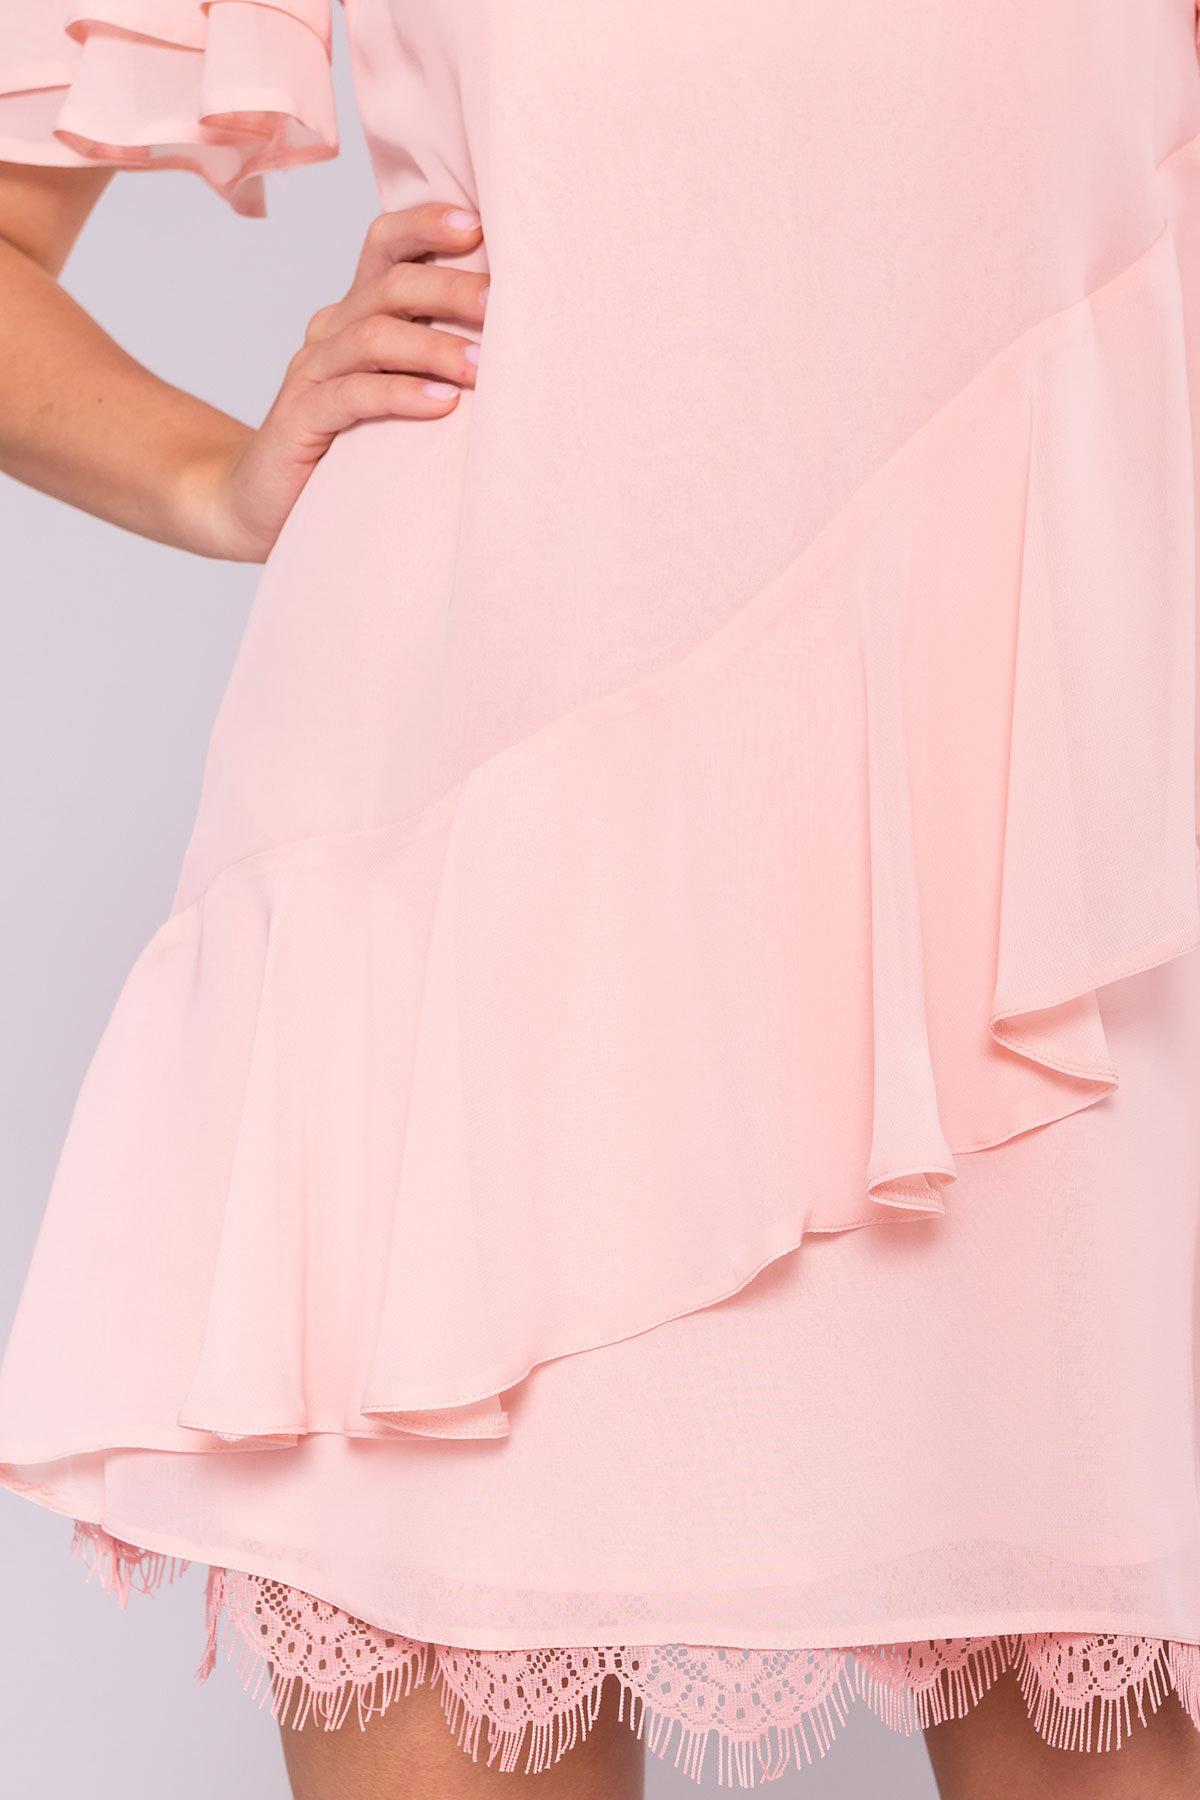 Платье Вито  7003 АРТ. 42310 Цвет: Пудра - фото 5, интернет магазин tm-modus.ru